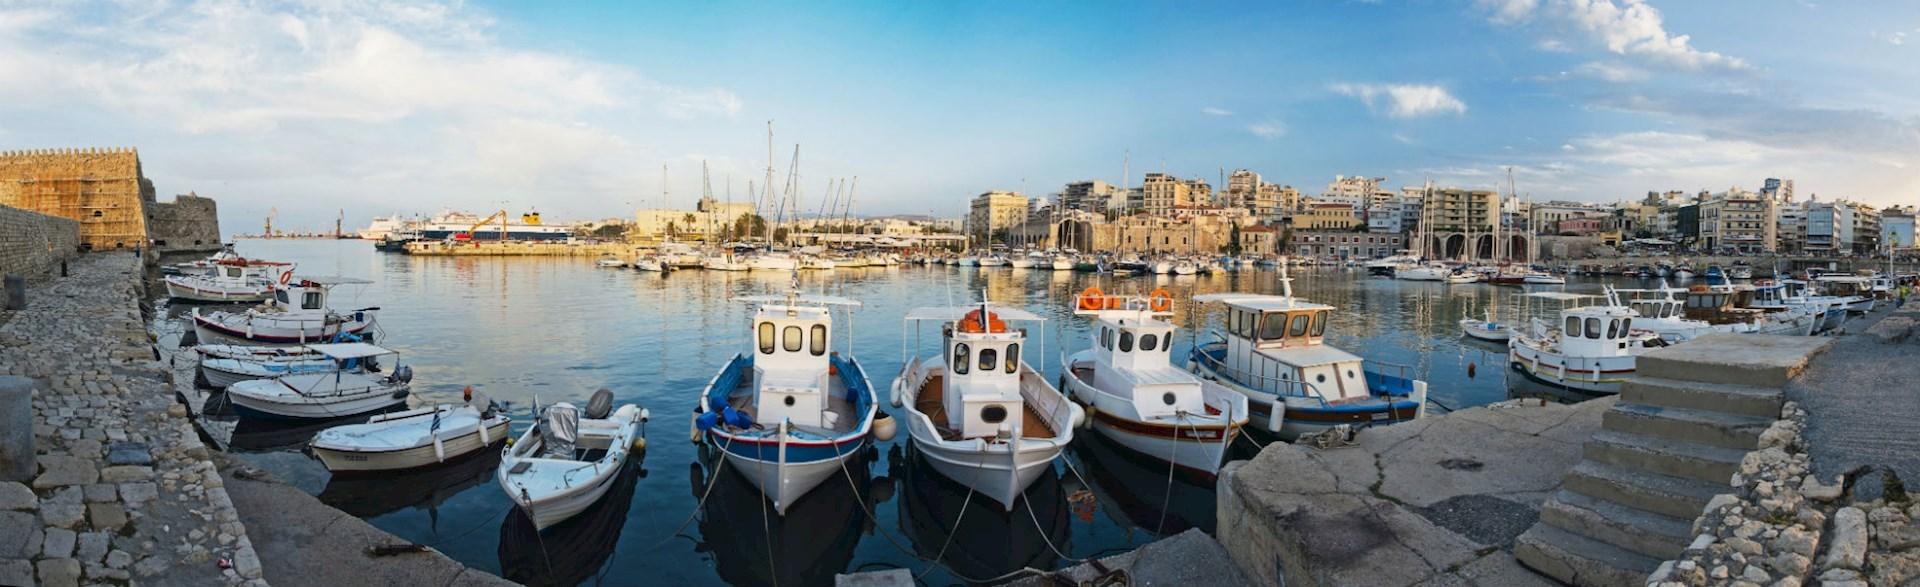 Heraklion Holidays 2020 2021 Crete Greece